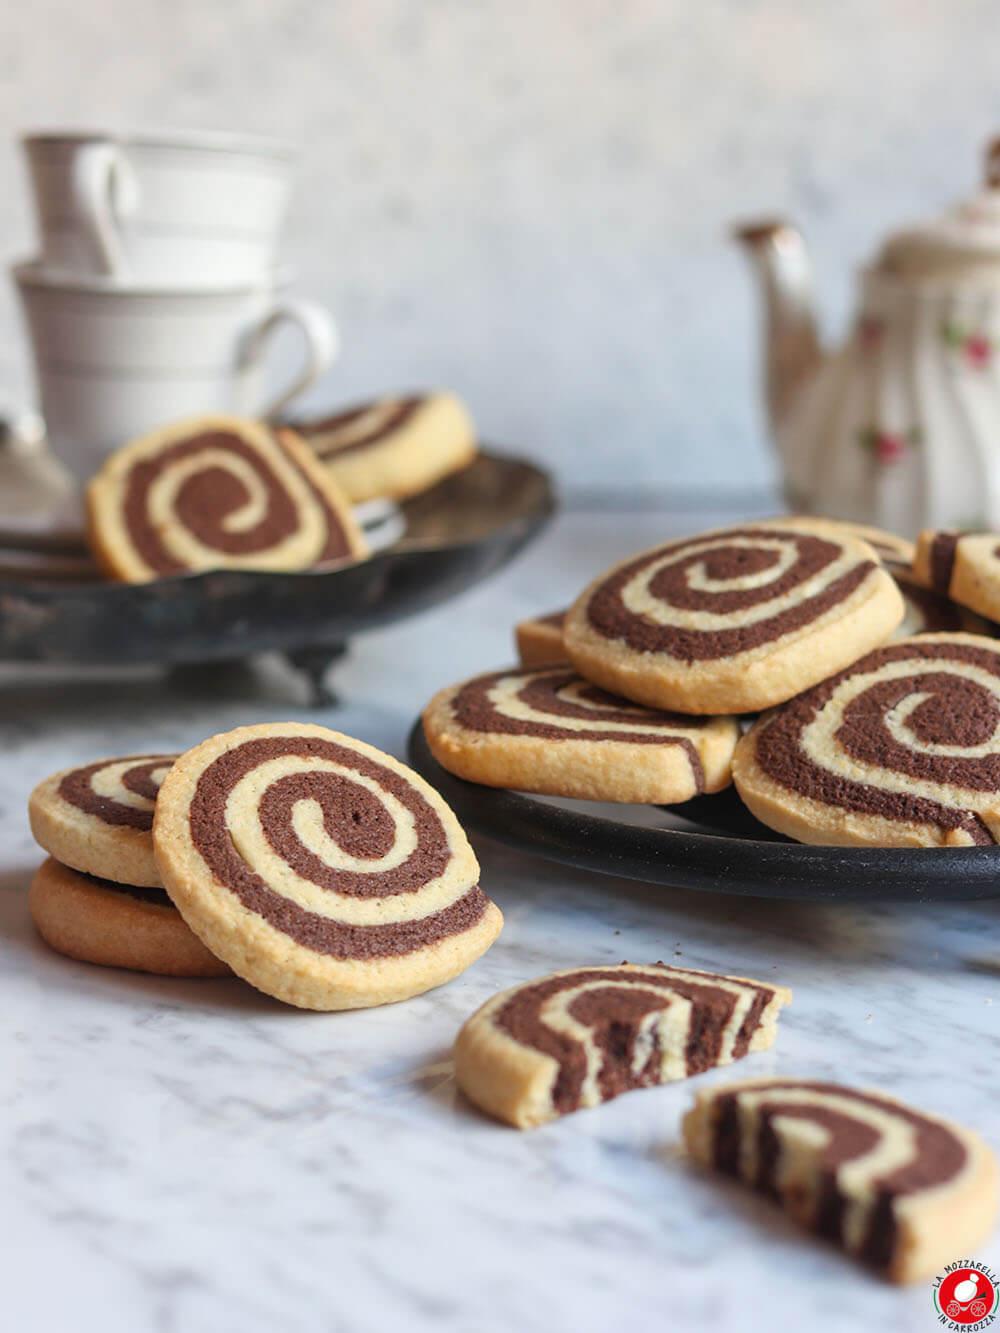 La Mozzarella In Carrozza - Biscotti girelle cacao e vaniglia